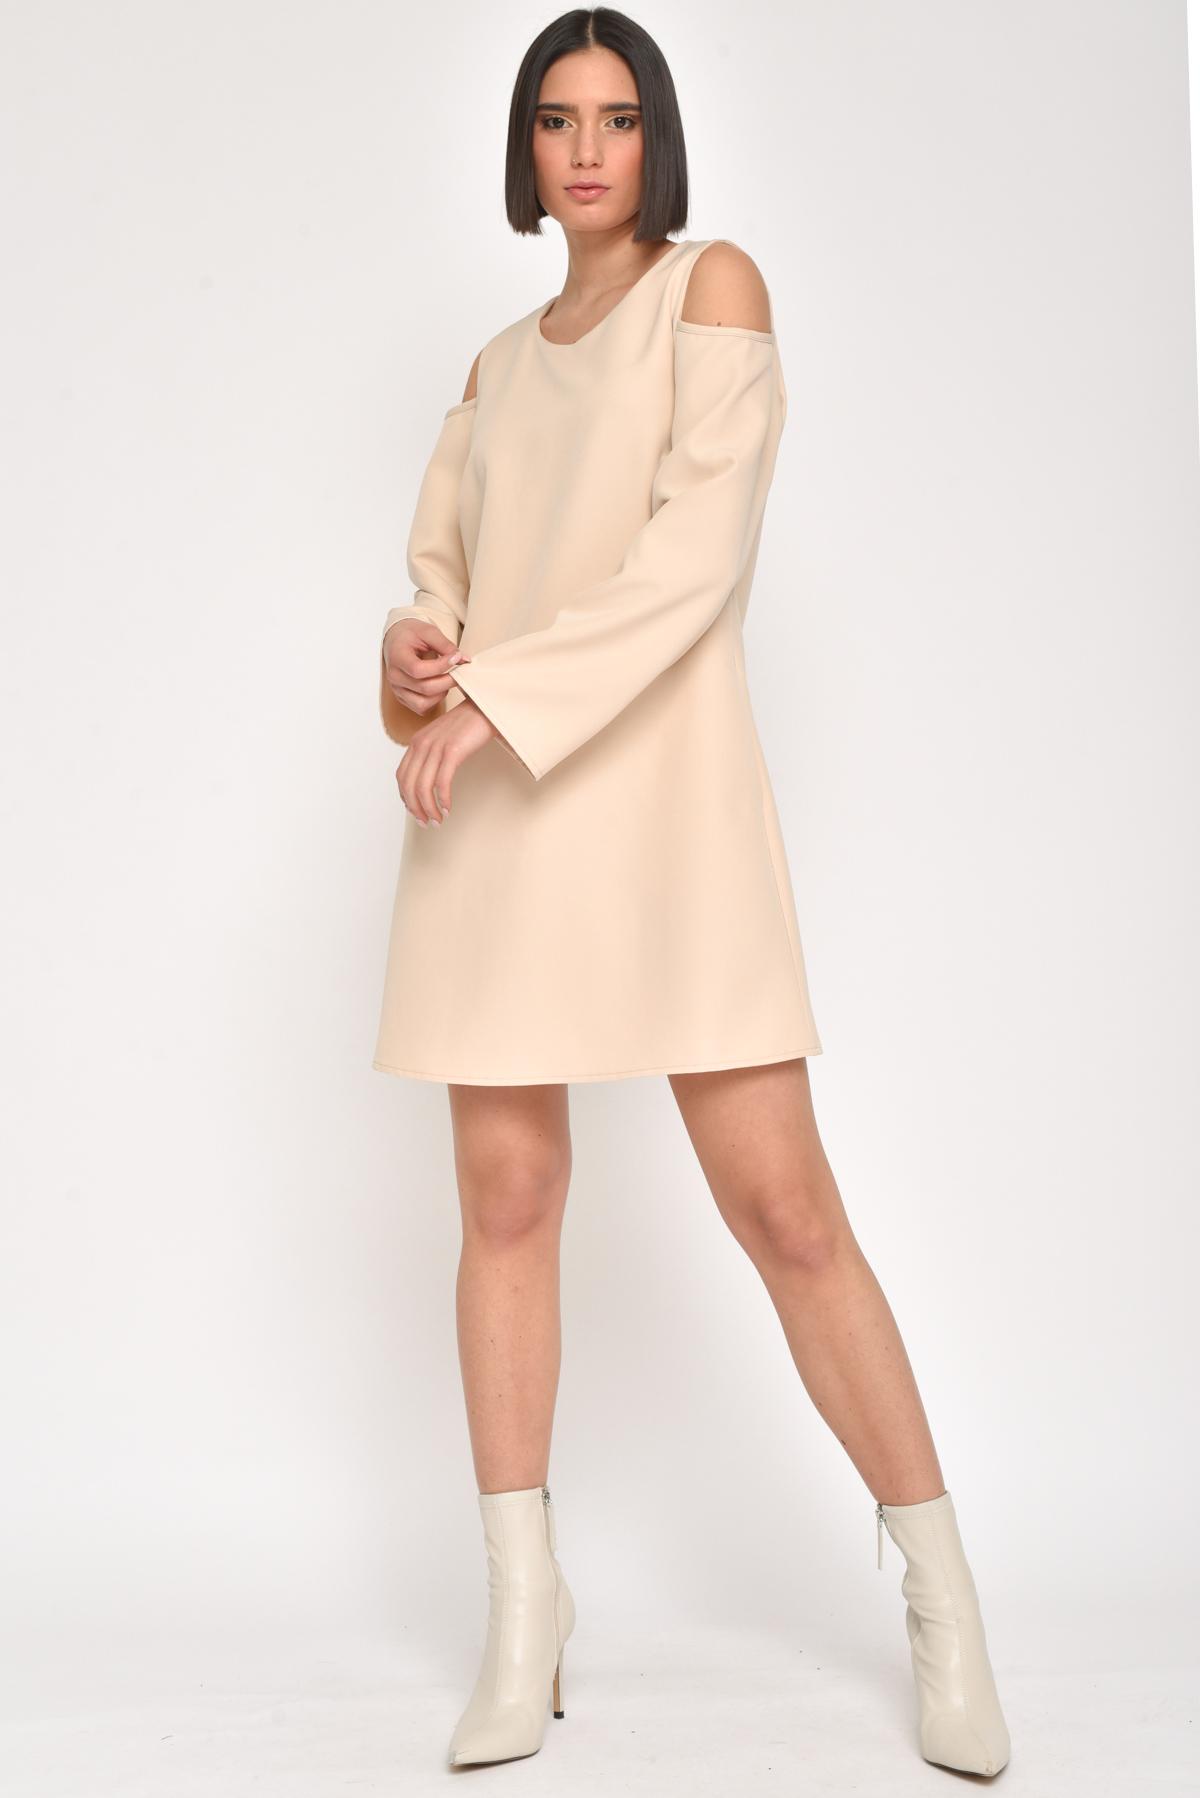 ABITO A TRAPEZIO CON SPALLE SCOPERTE for women - BEIGE - Paquito Pronto Moda Shop Online